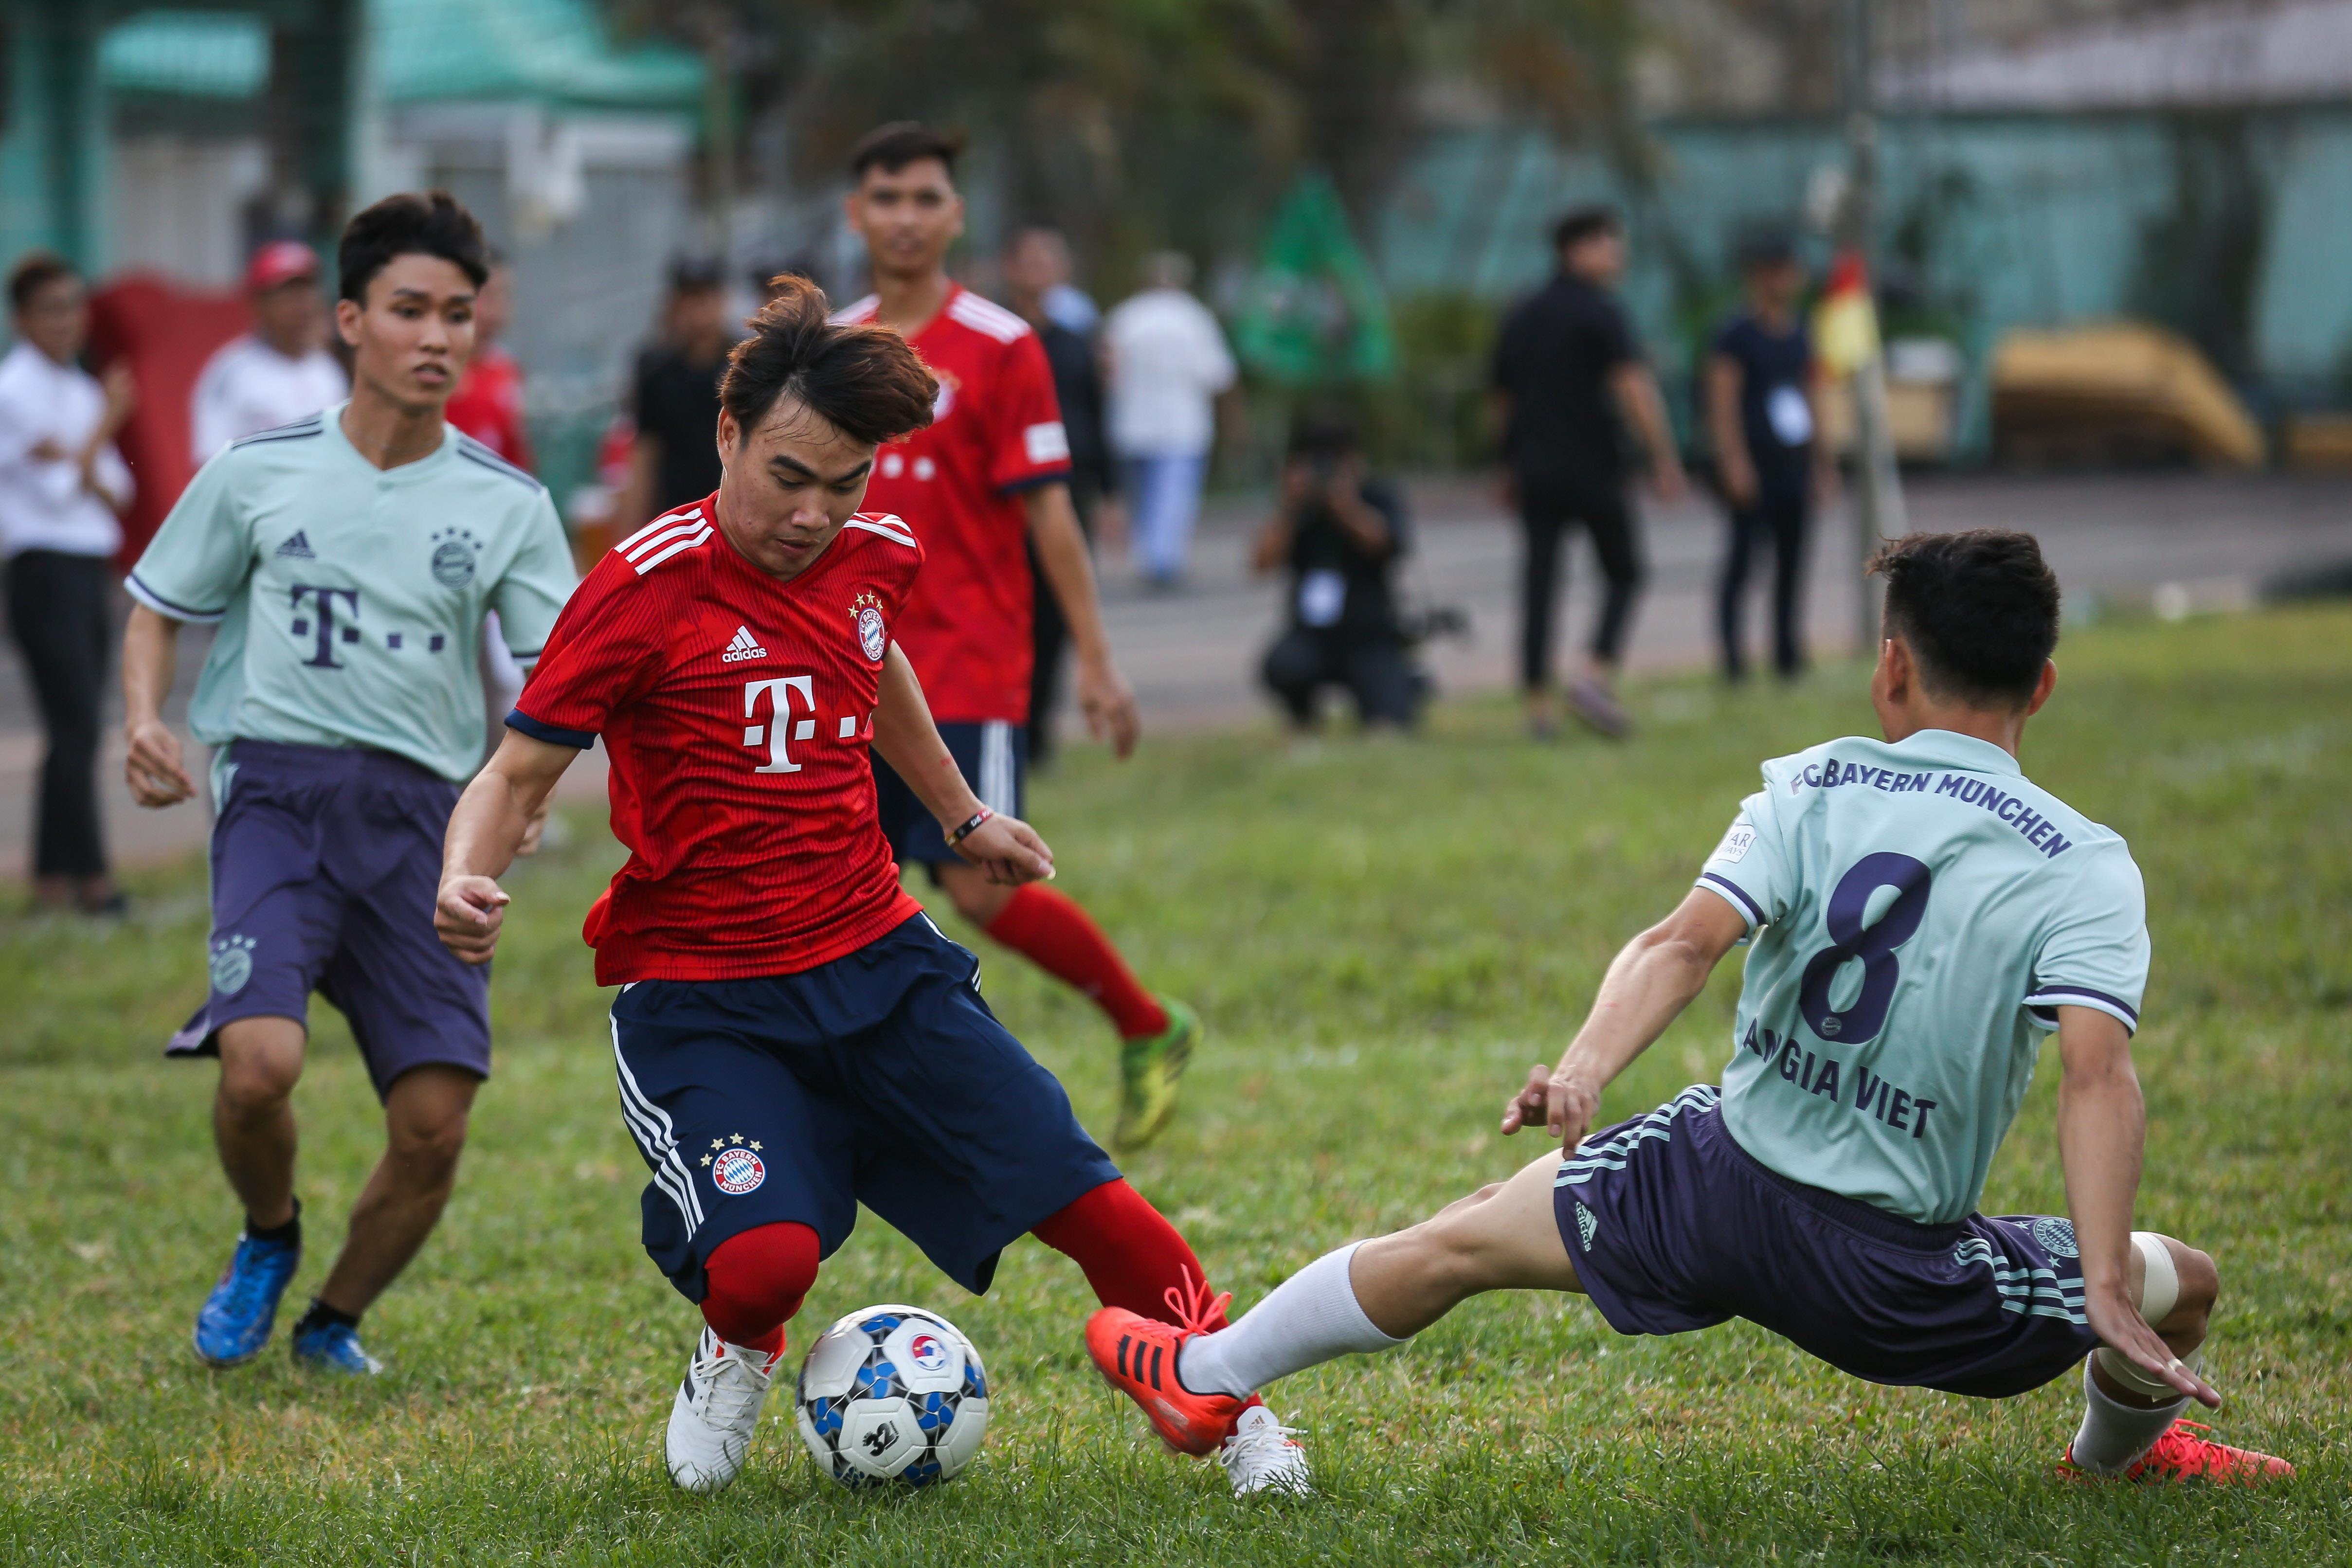 Huyền thoại Bayern vái lạy trọng tài khi nhận thẻ vàng ở Việt Nam Ảnh 2